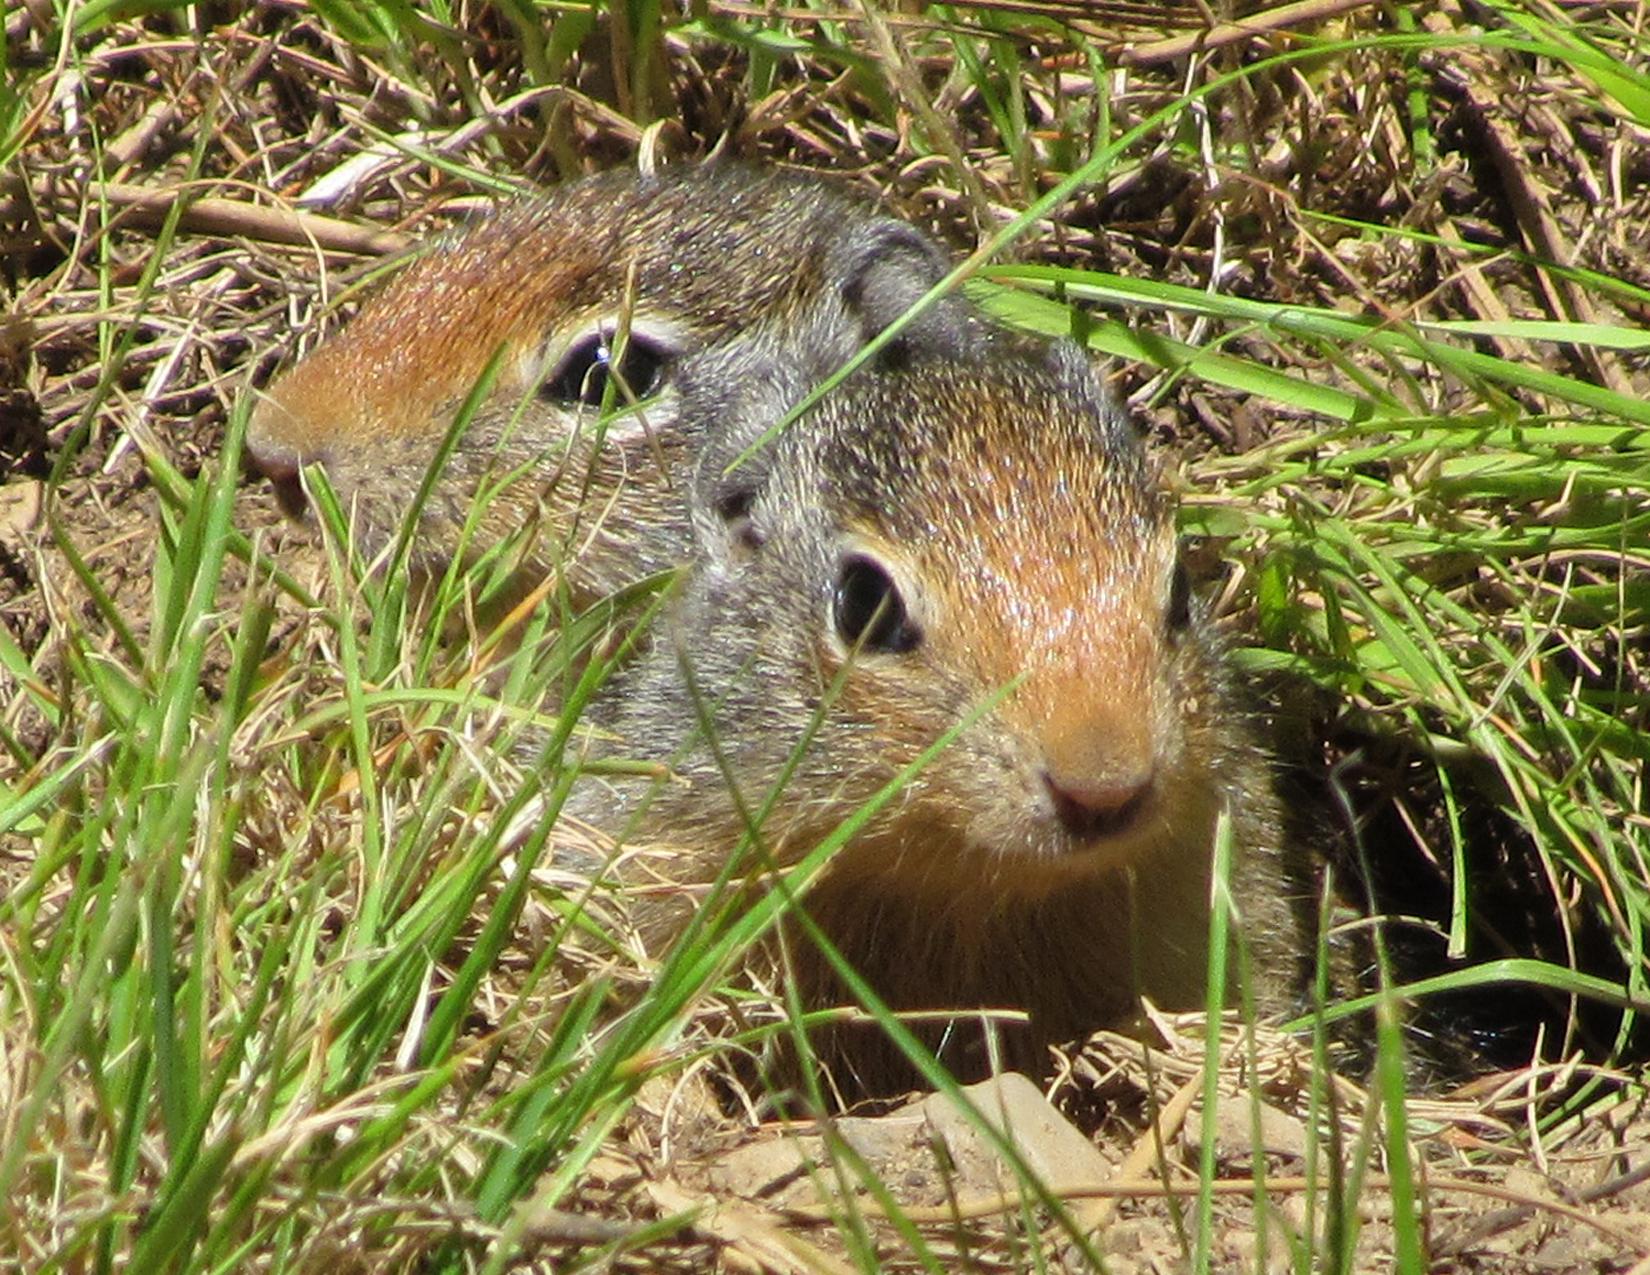 Squirrels - Sam Owen Campground, near Hope, Idaho